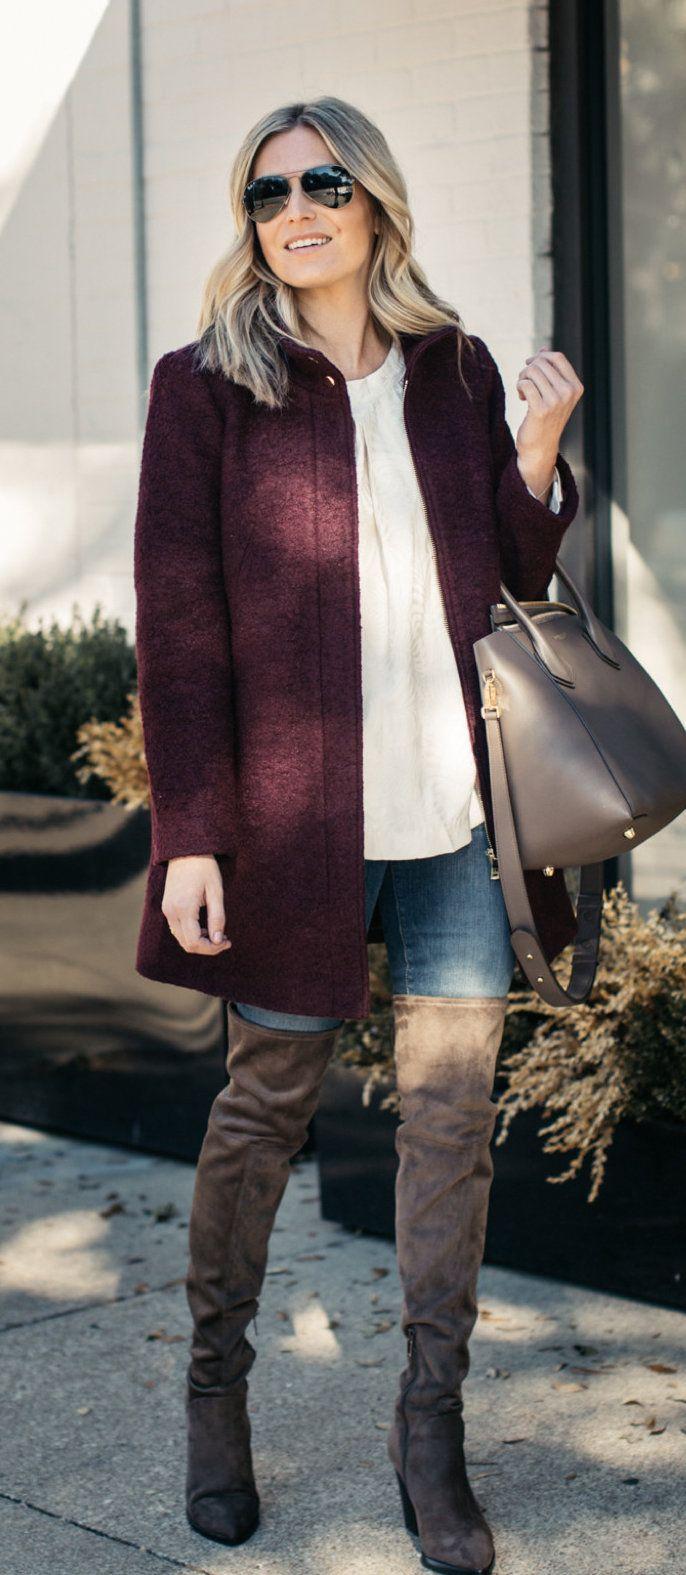 Maroon Jacket Como Vestir Con Botas Ropa De Moda Y Moda